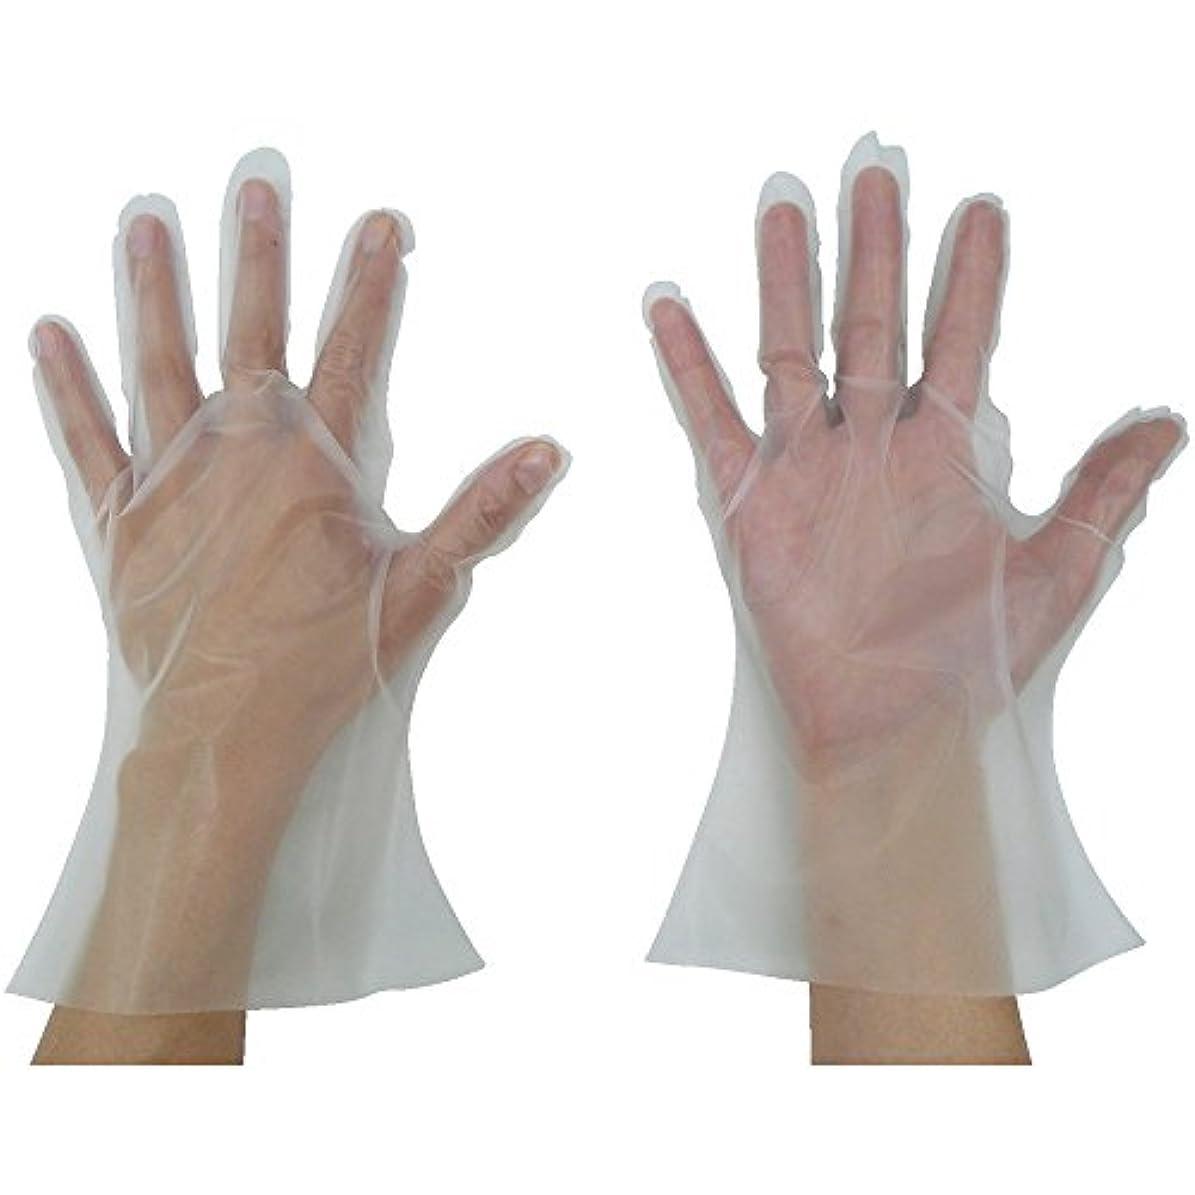 定期的なレイアスポーツをする東京パック 緊急災害対策用手袋ニュ?マイジャスト簡易50S 半透明 KN-S ポリエチレン使い捨て手袋